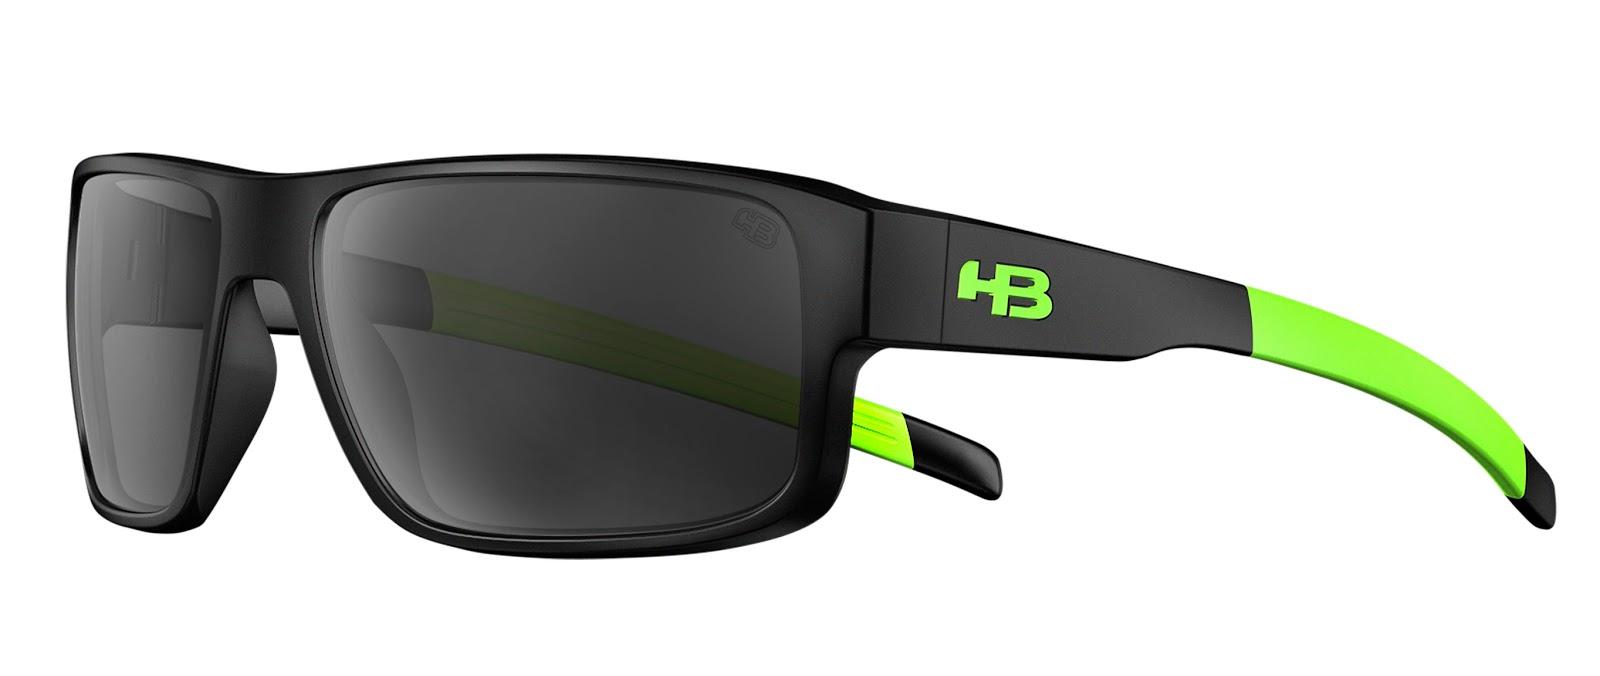 617c5ac40b235 HB cria óculos inspirados em pranchas clássicas